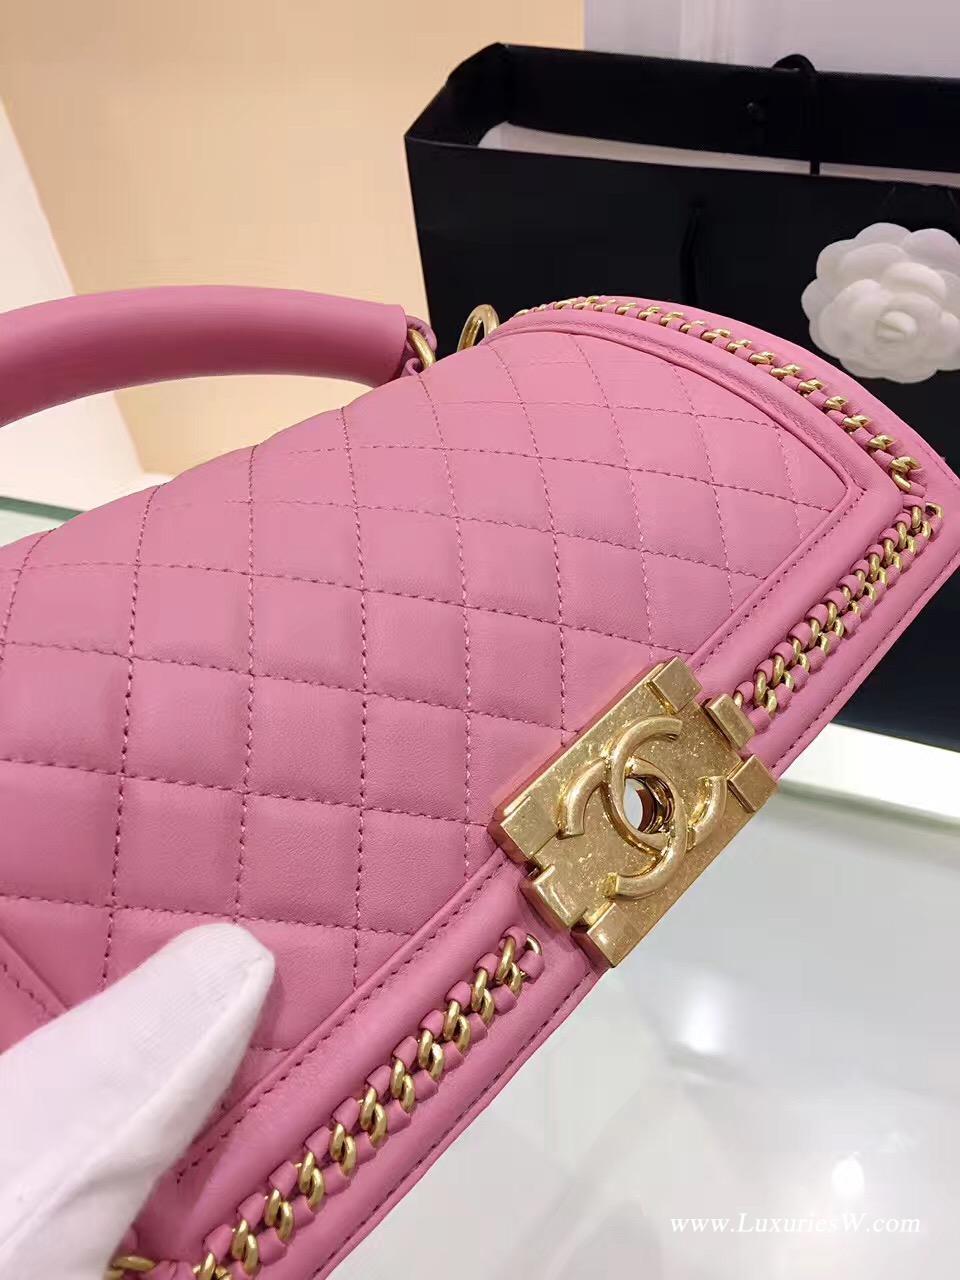 小香包 Leboy bag 28CM粉色口蓋包 配以手柄鏈條包